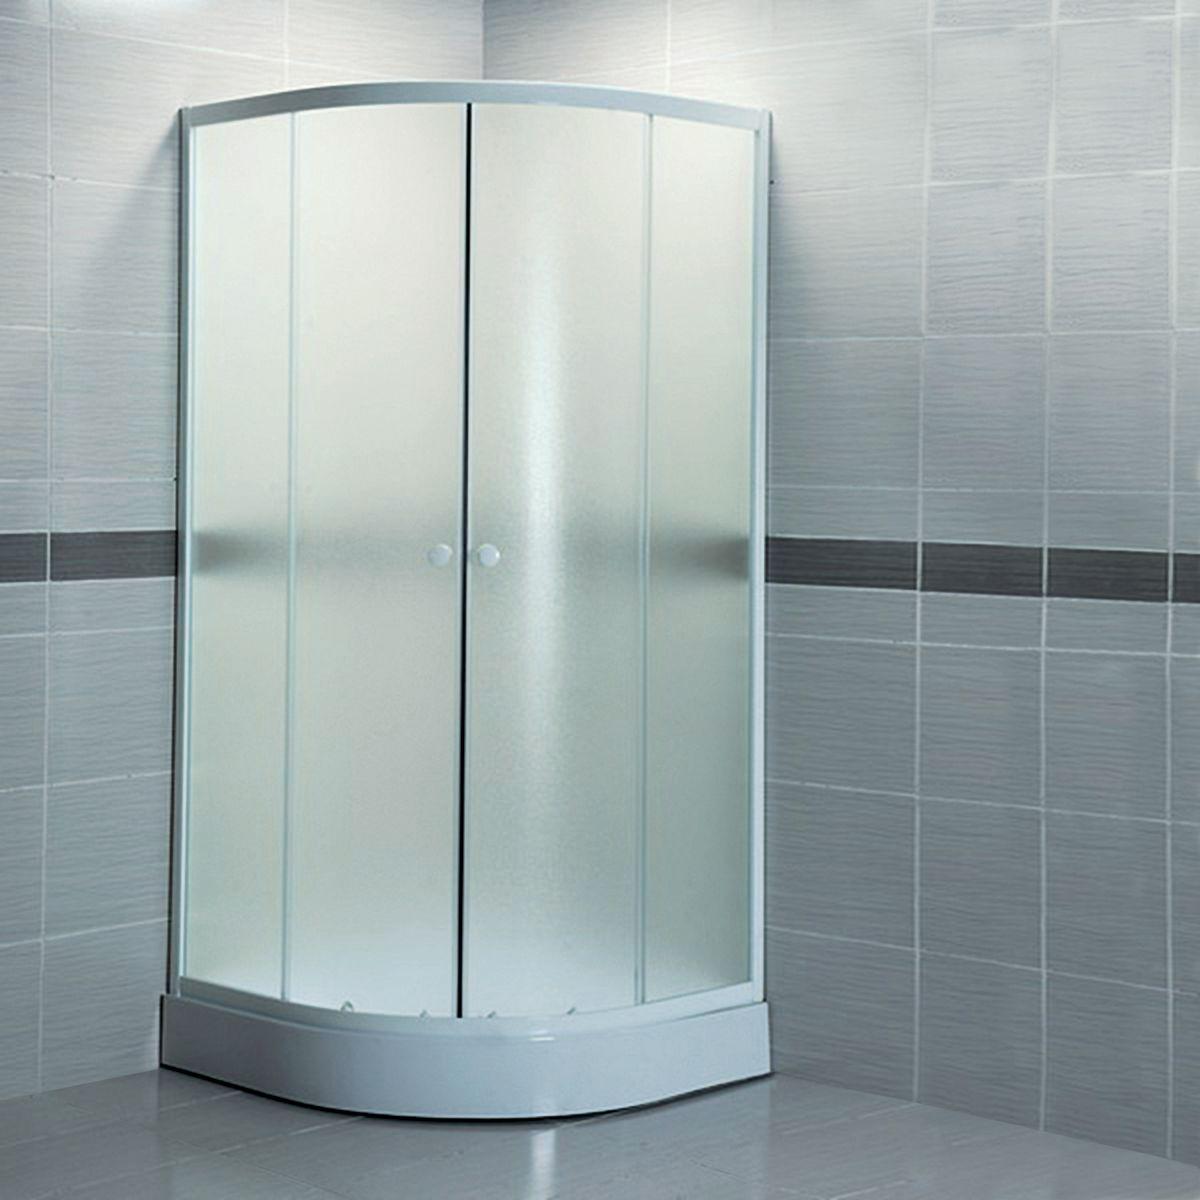 Cabina doccia muratura interesting cabina doccia muratura for Leroy merlin piatto doccia